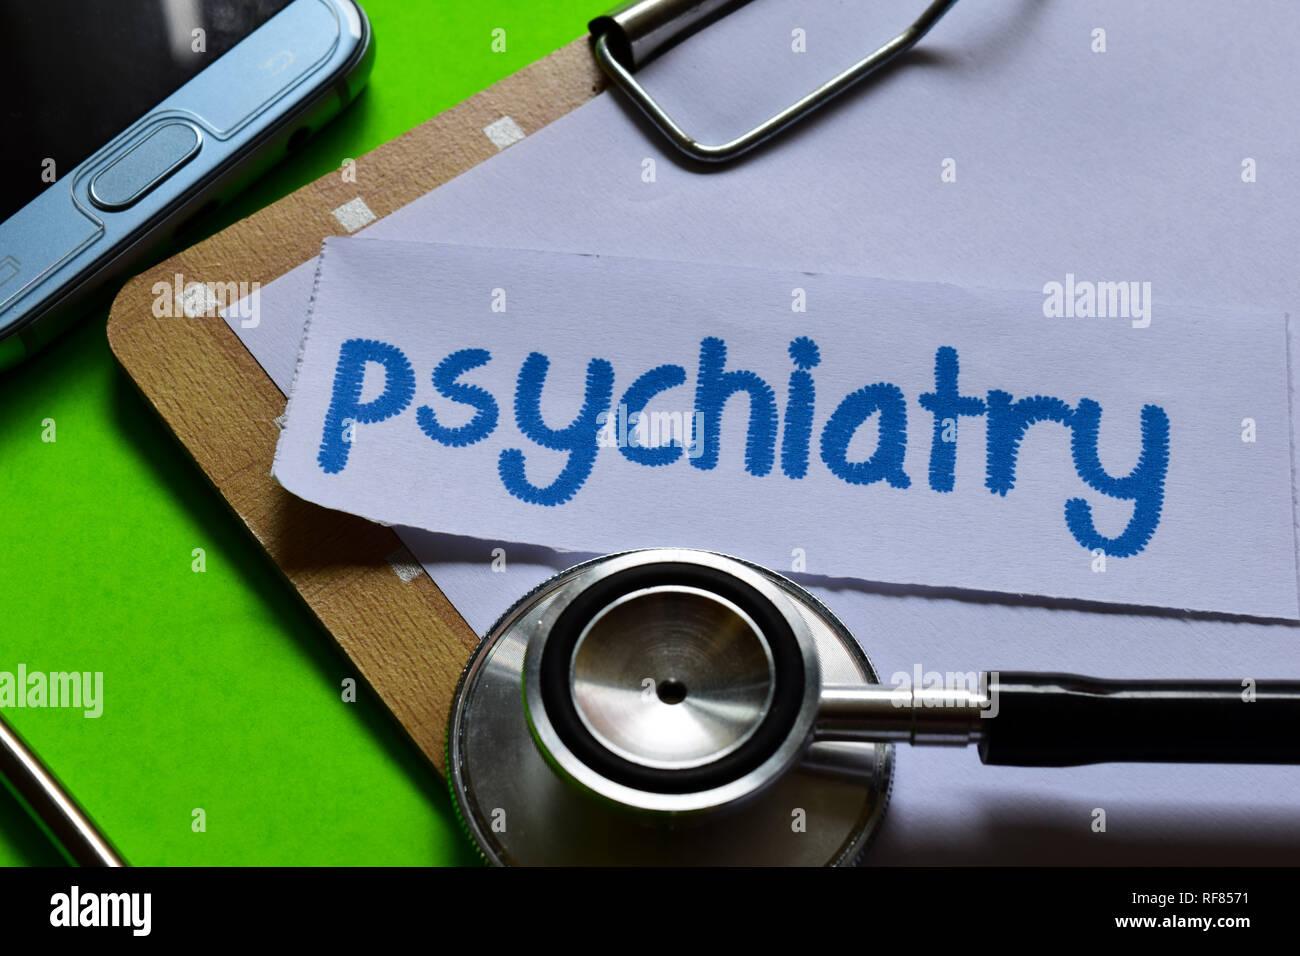 Psychiatrie im Gesundheitswesen Konzept Inspiration mit grünem Hintergrund Stockbild